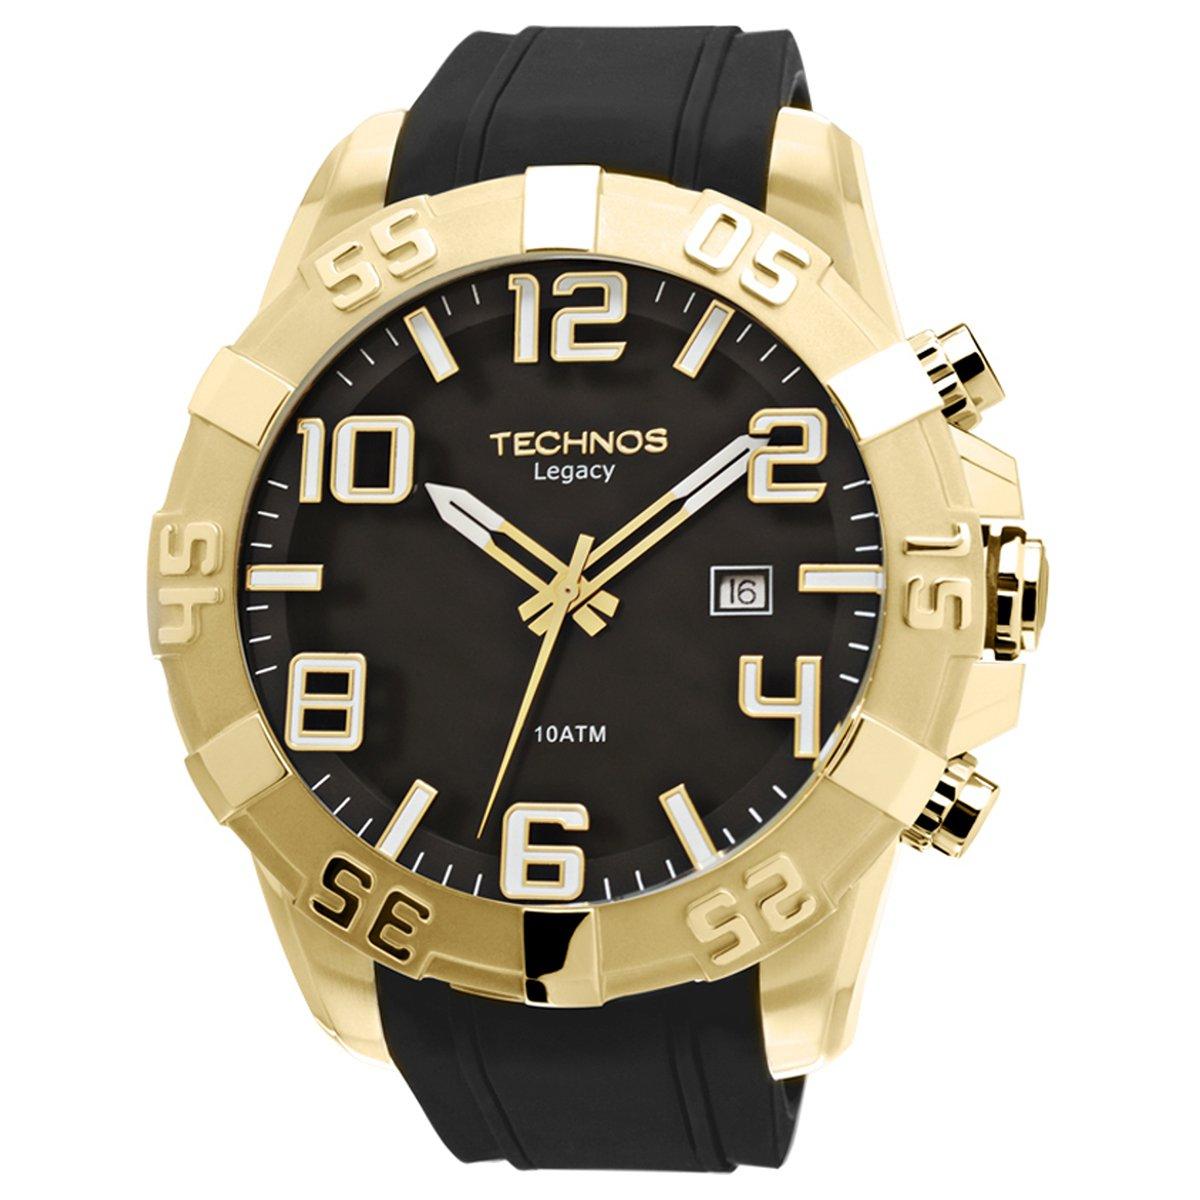 0ccd52de884 Relógio Technos Legacy - Compre Agora